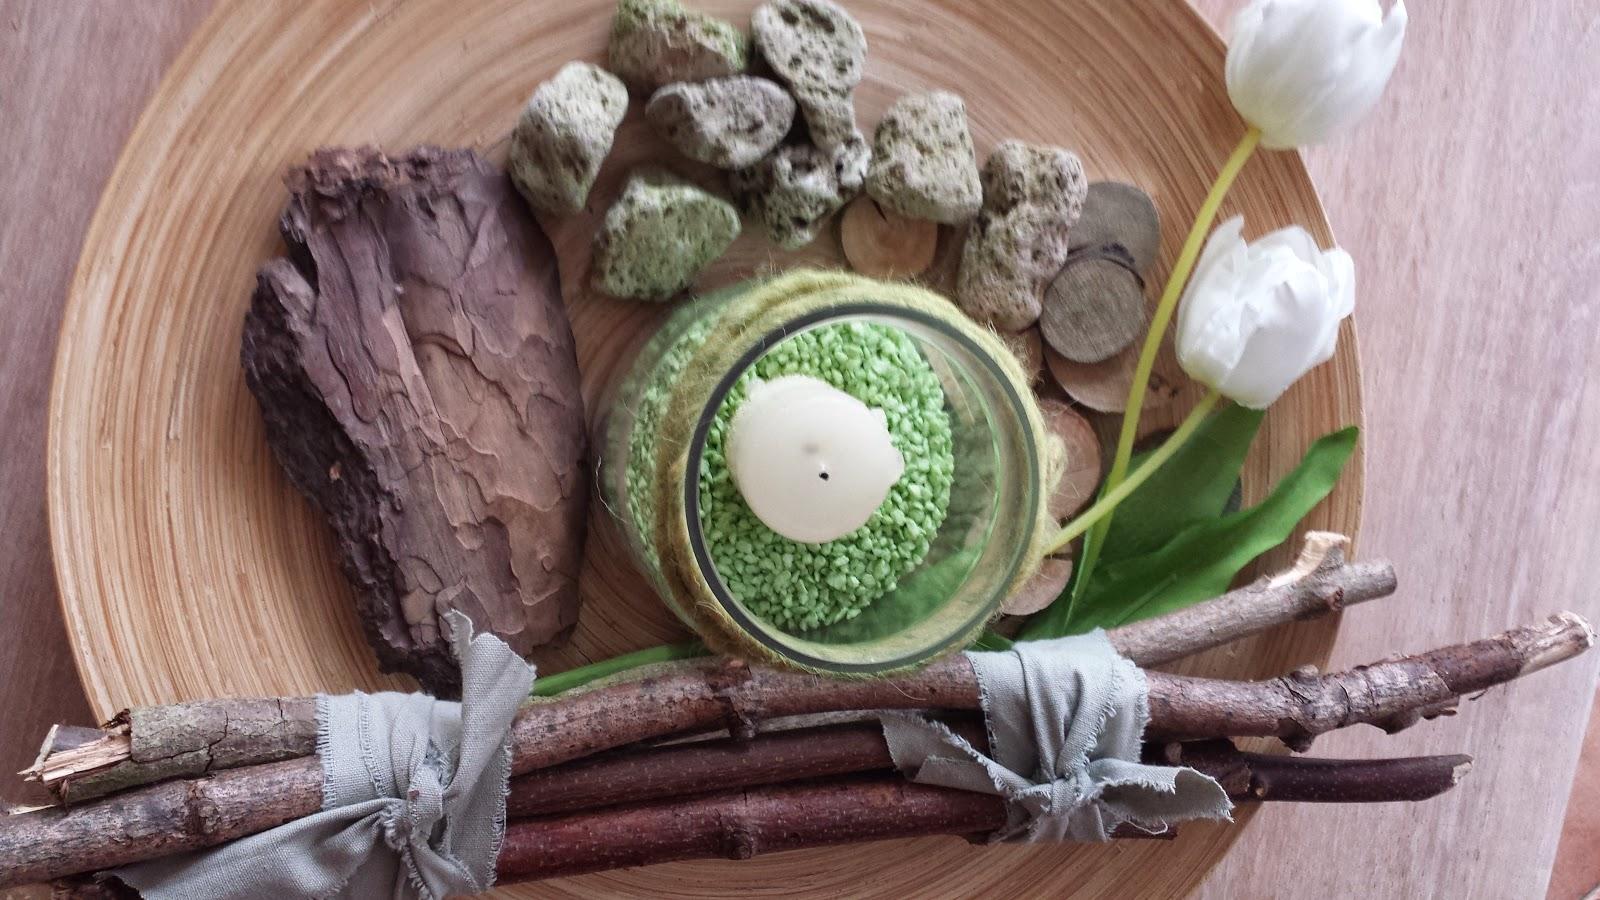 Kerzen, Holz, Äste- Dekoration